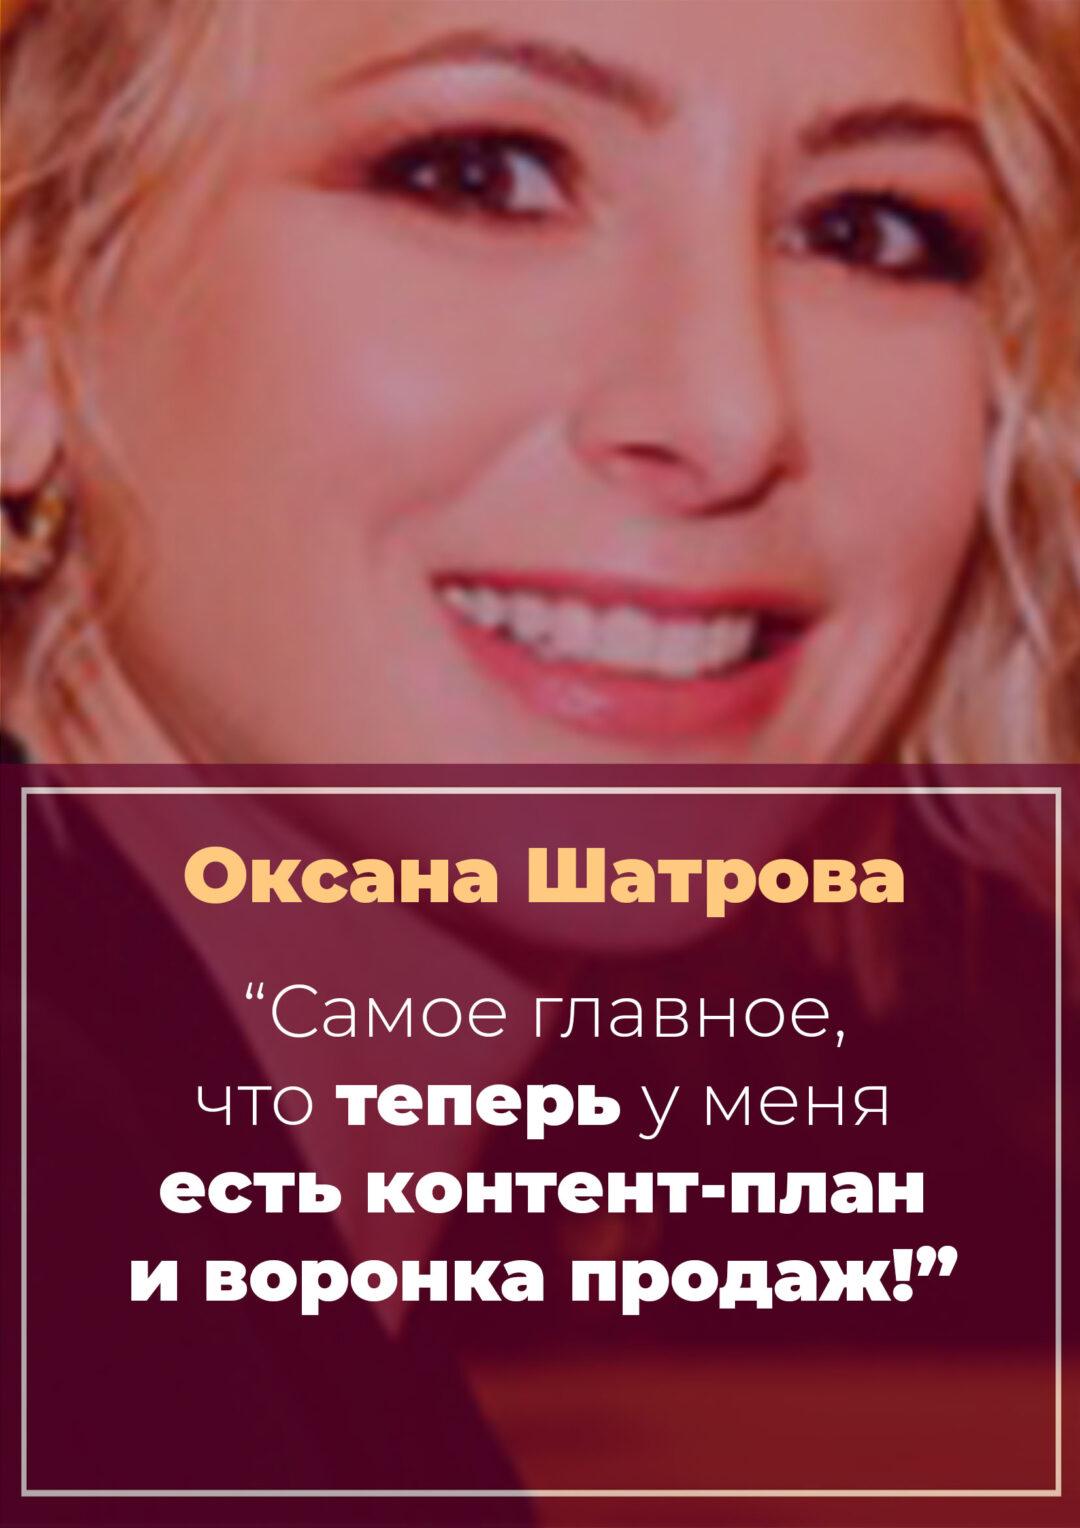 История Оксаны Шатровой